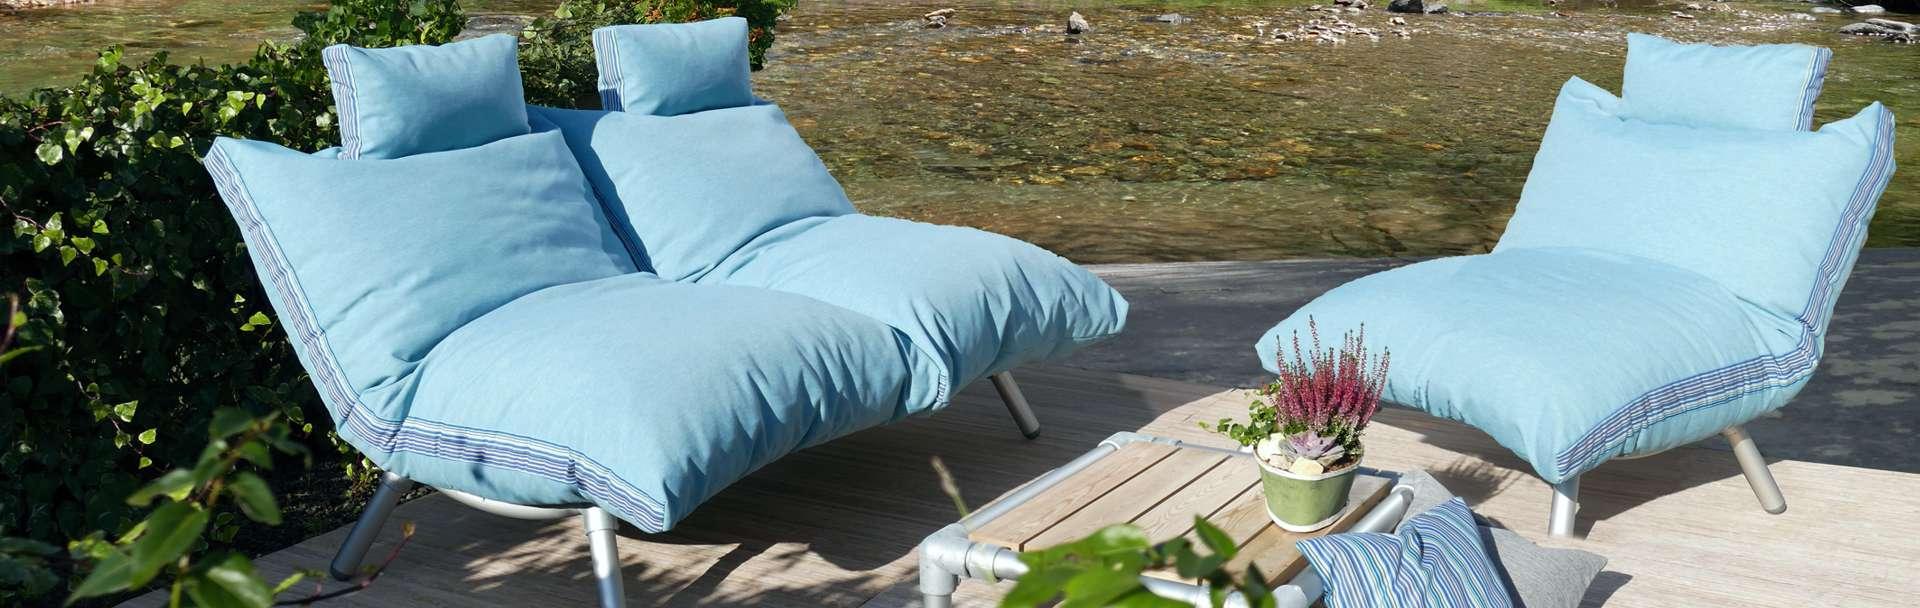 loungestoel voor in de tuin met zitzak lounge kussen